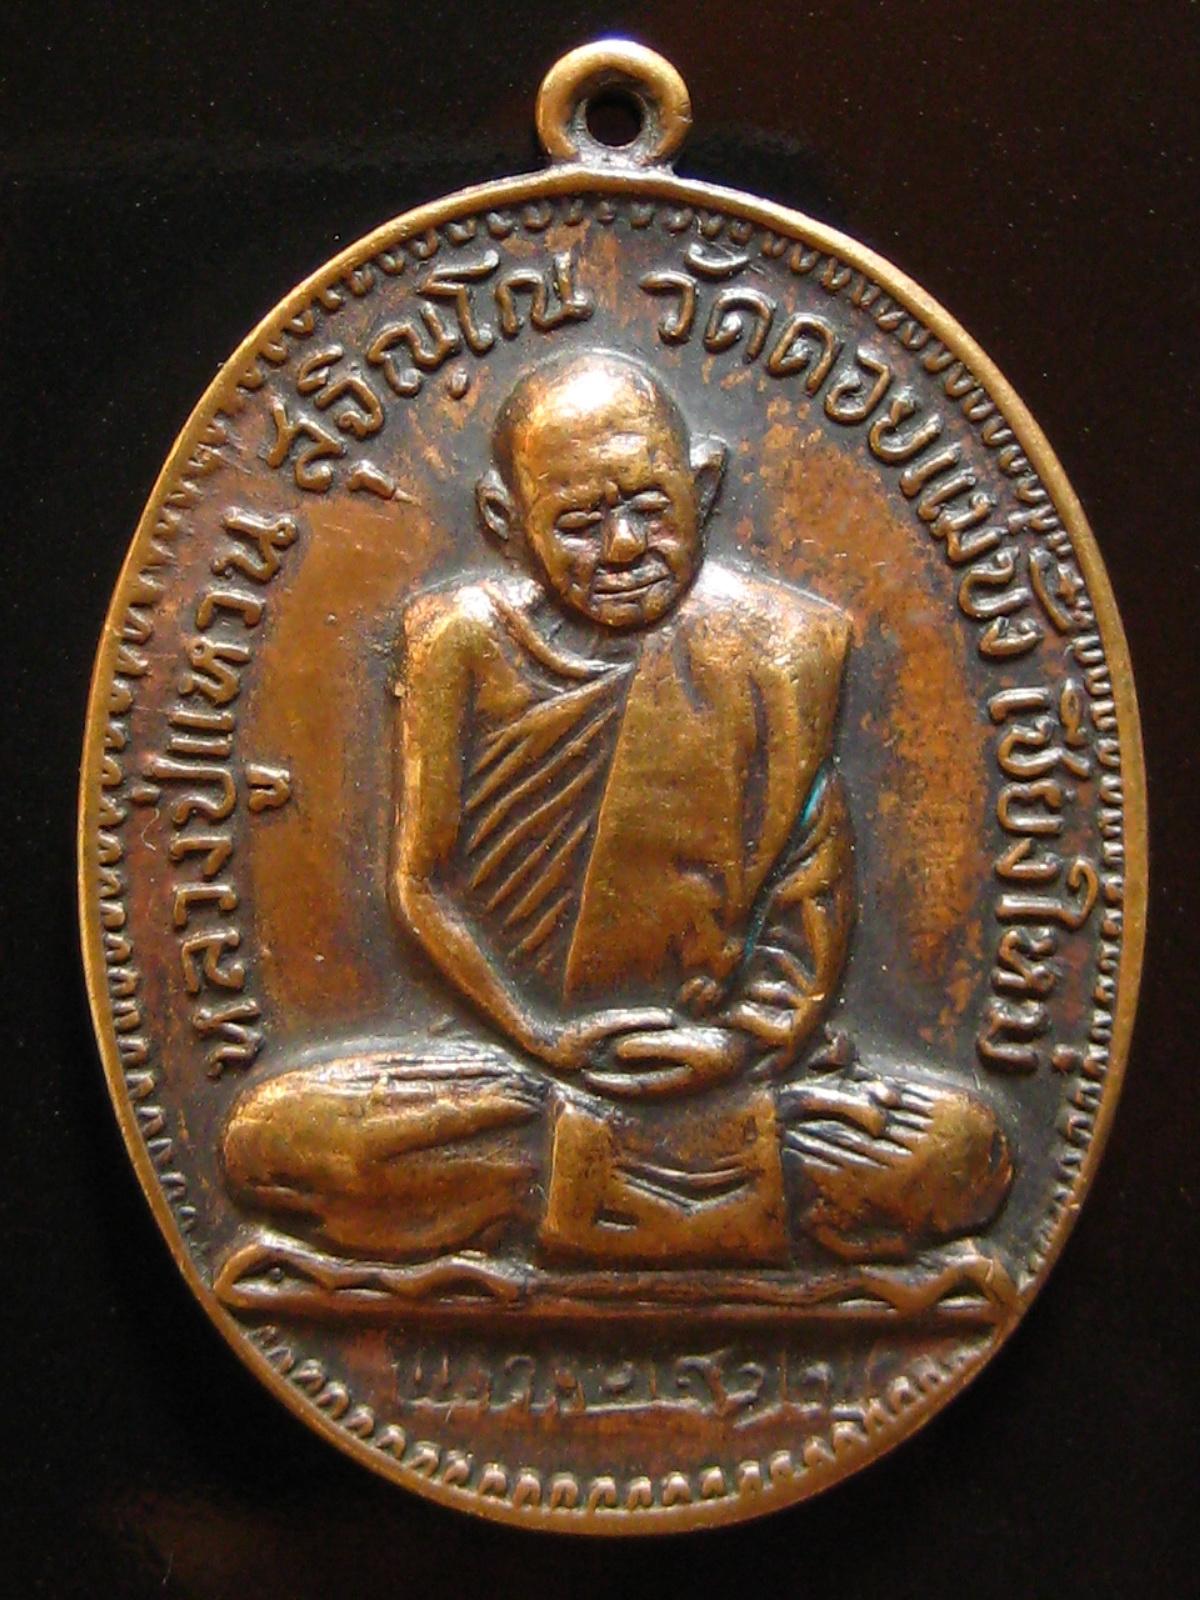 เหรียญไข่หลวงปู่แหวน วัดดอยแม่ปั๋ง ปี2517 รหัส0305